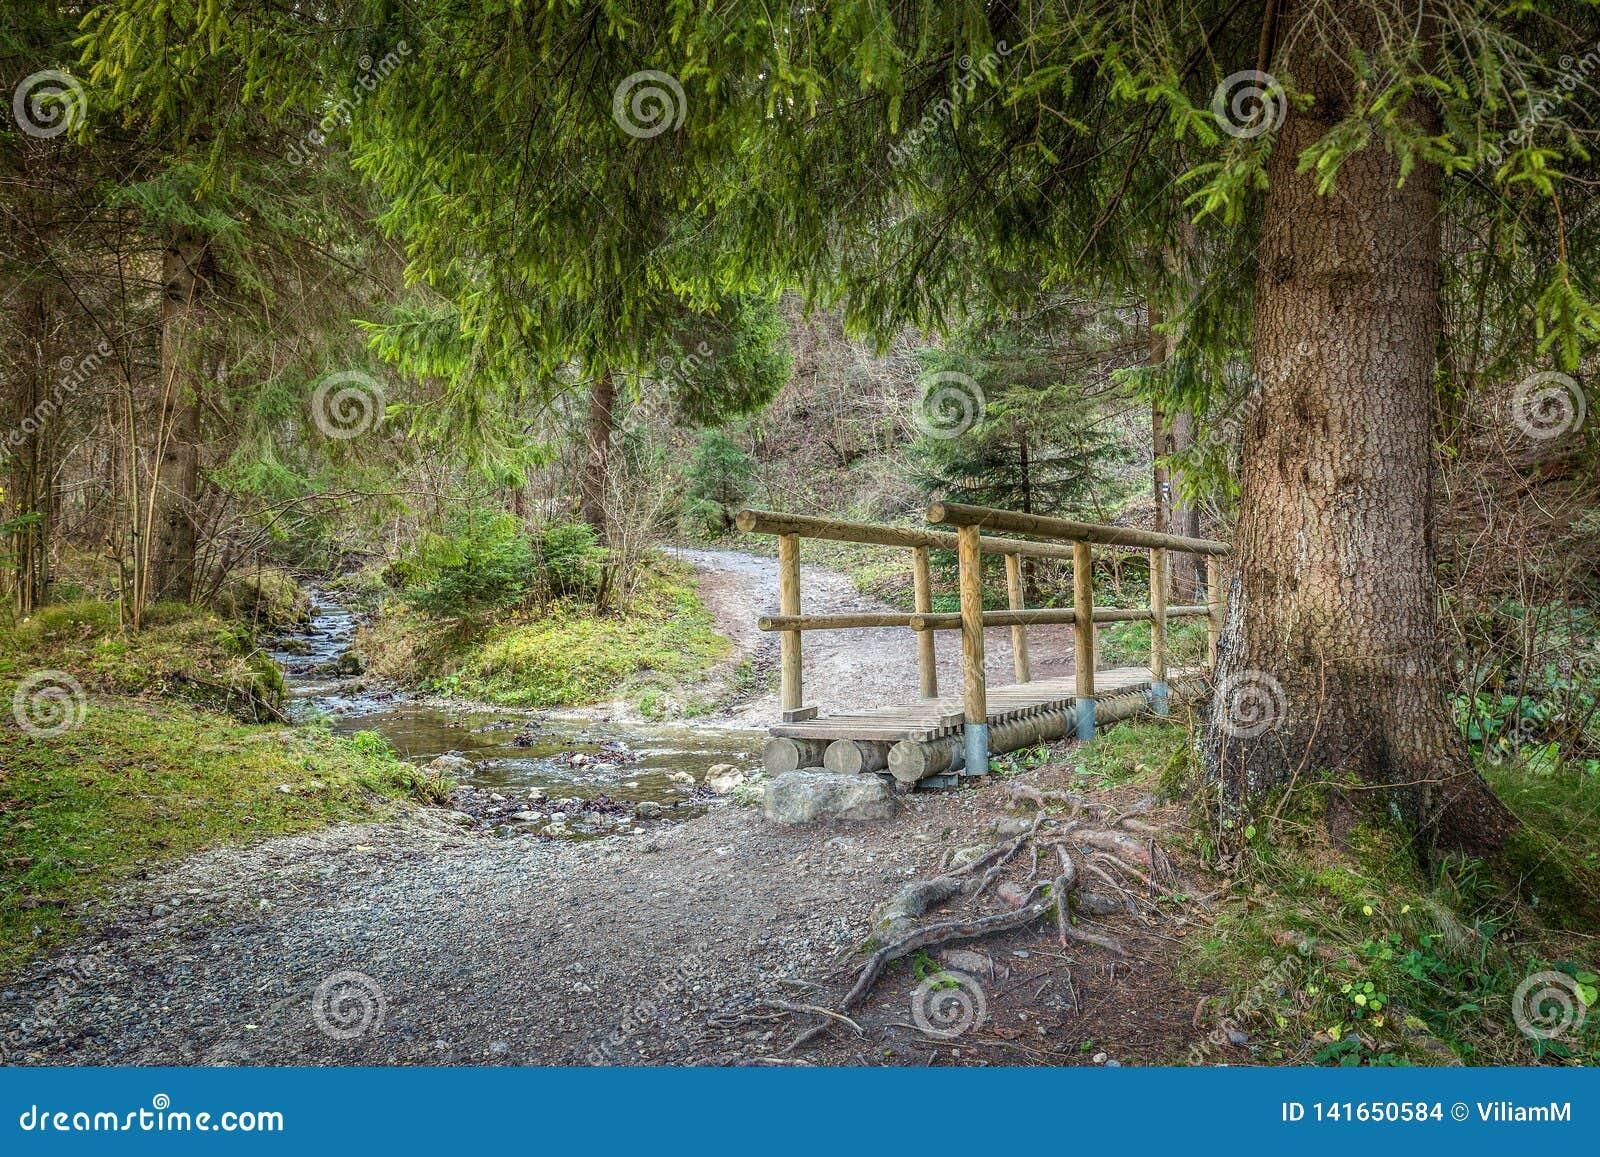 Een houten voetgangersbrug over een stroom in een bos